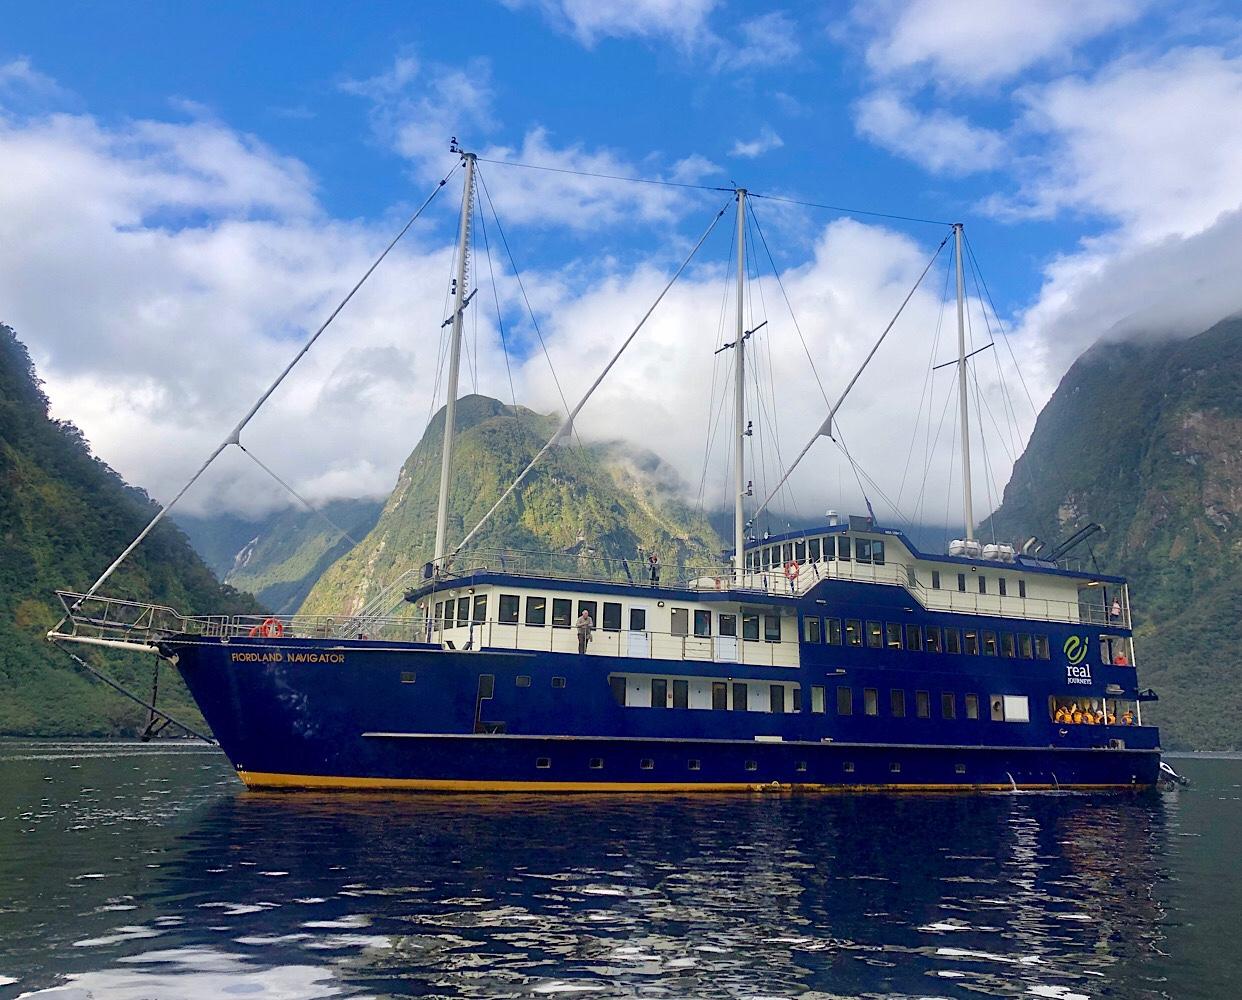 Fiordland Navigator 23rd March 2021